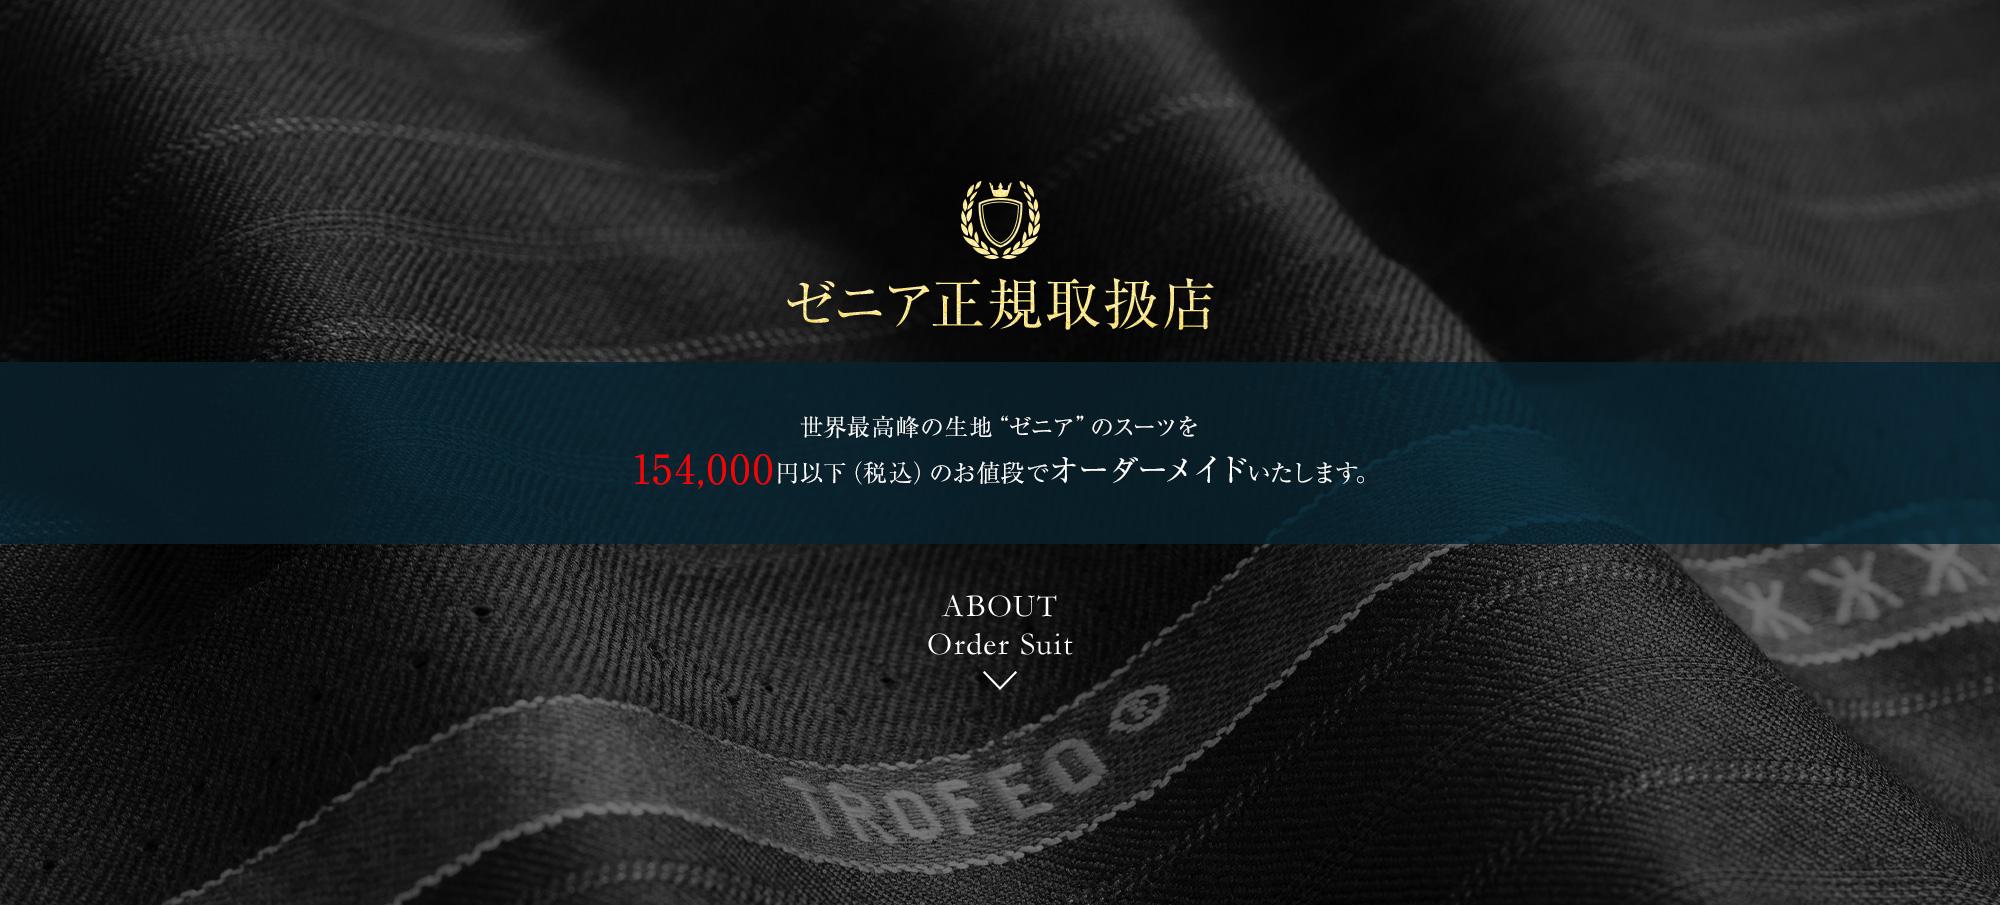 order_suite_banner_off